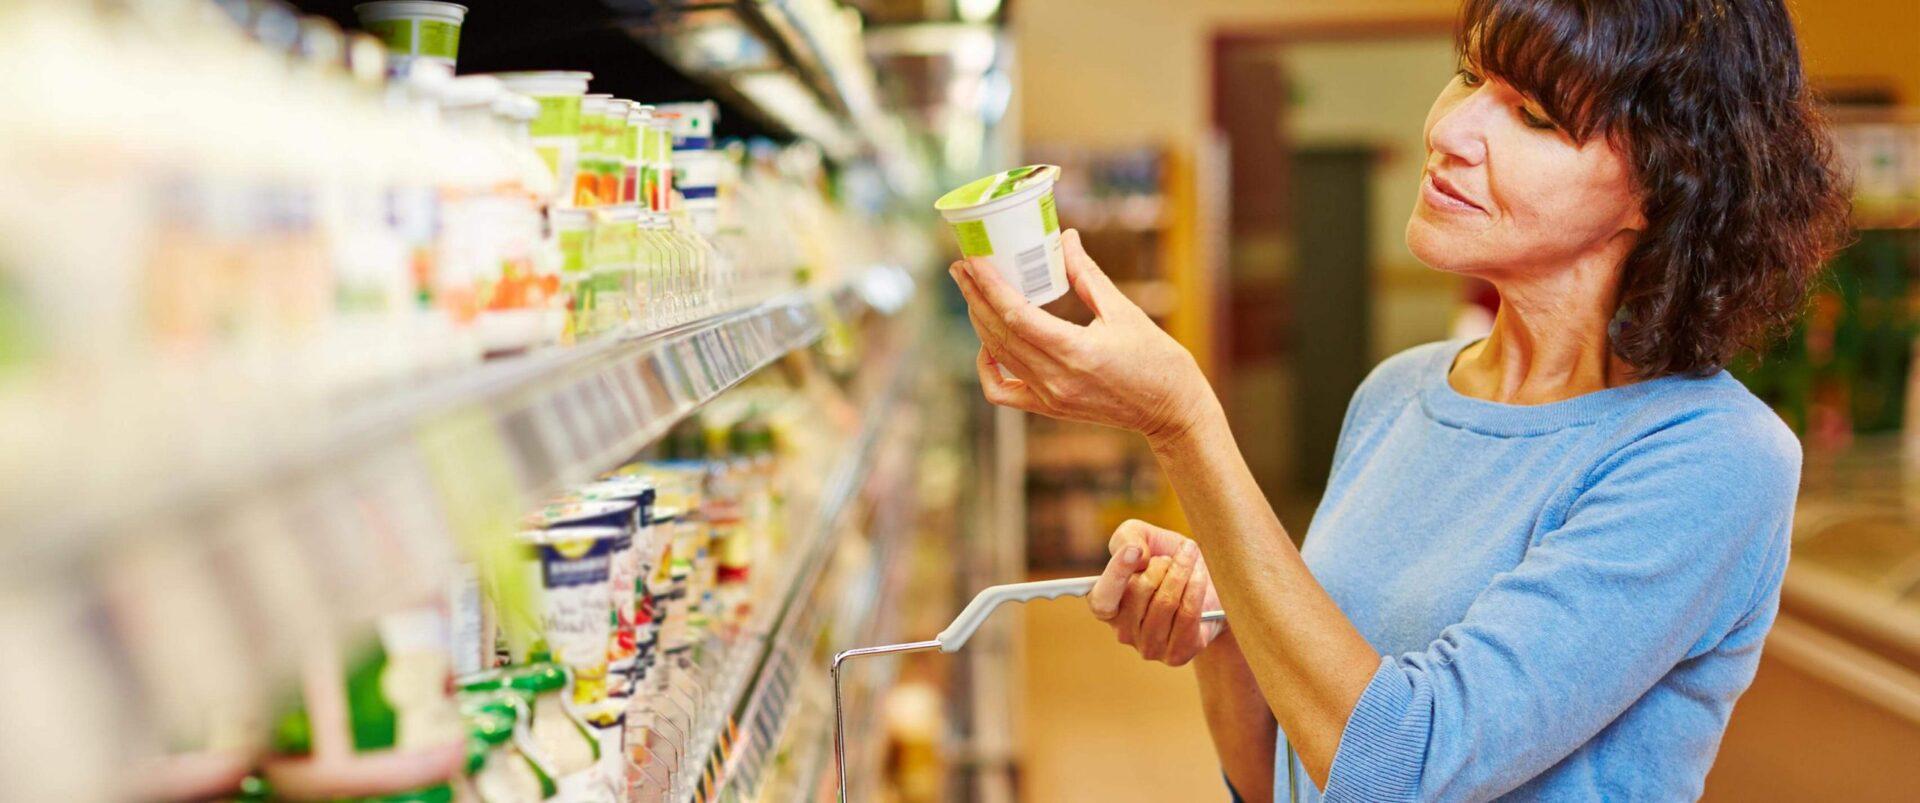 Consument wil wel, maar koopgedrag blijft achter